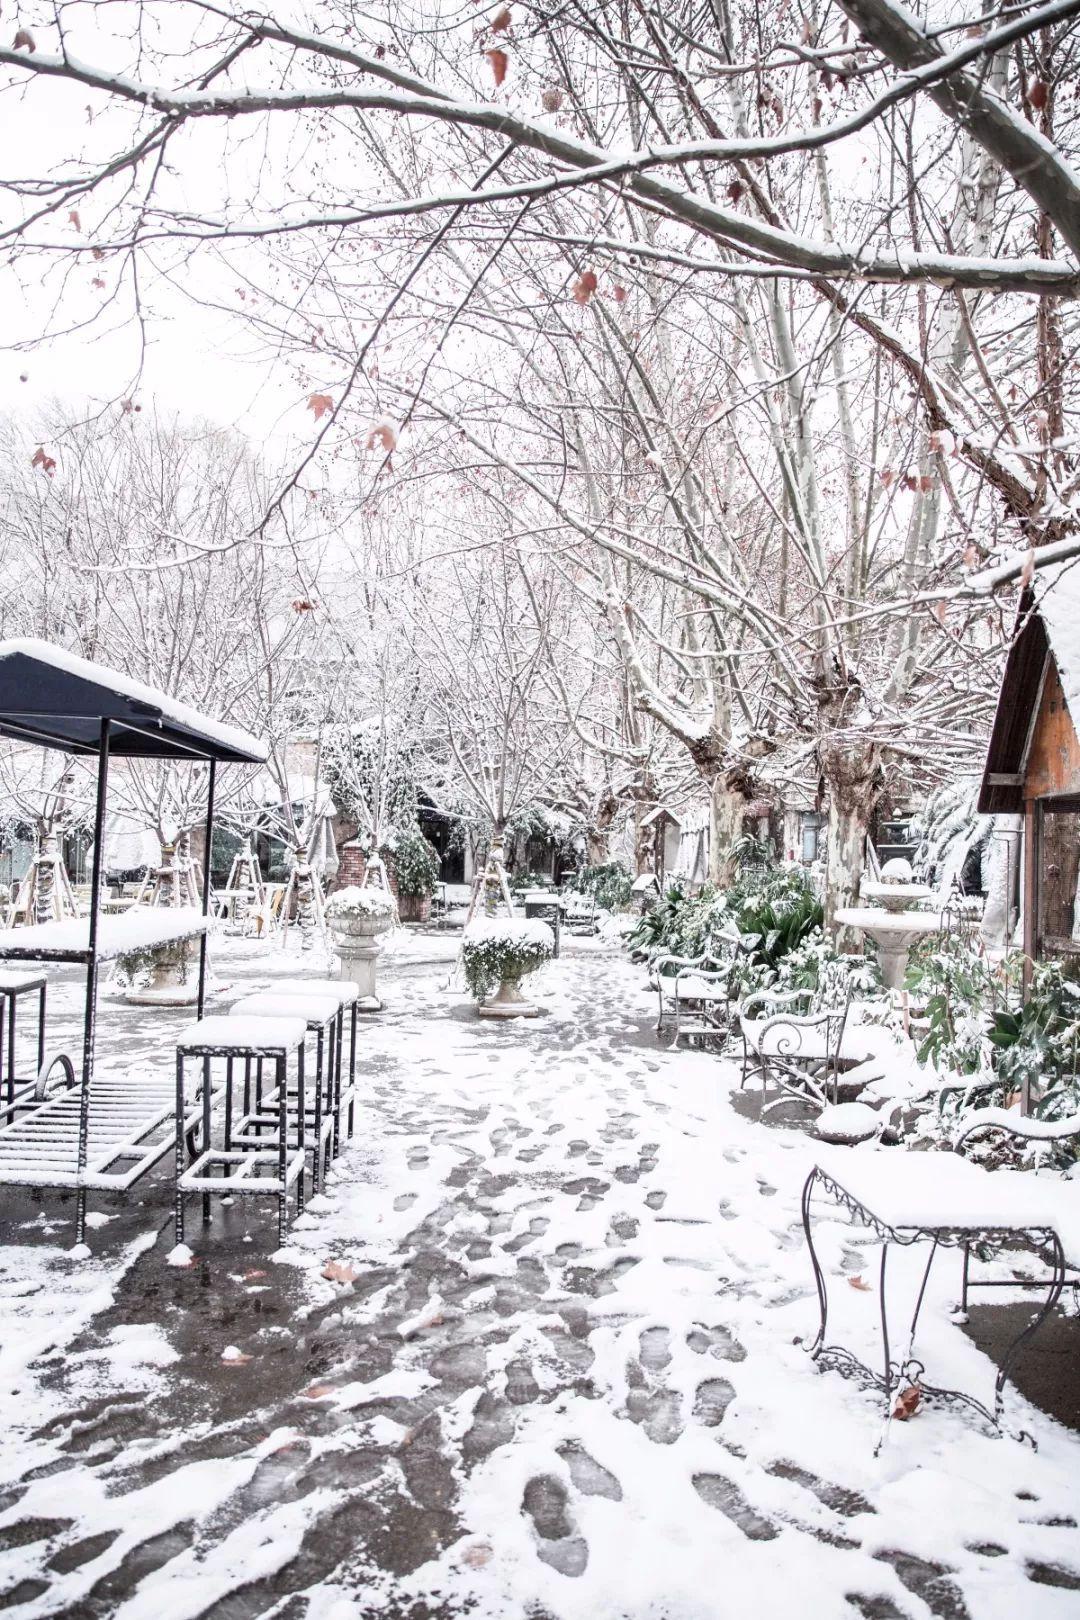 刘力畅&葛秋成 一起欣赏下今天的雪中校园吧~ (图为王森学院苏州石湖图片